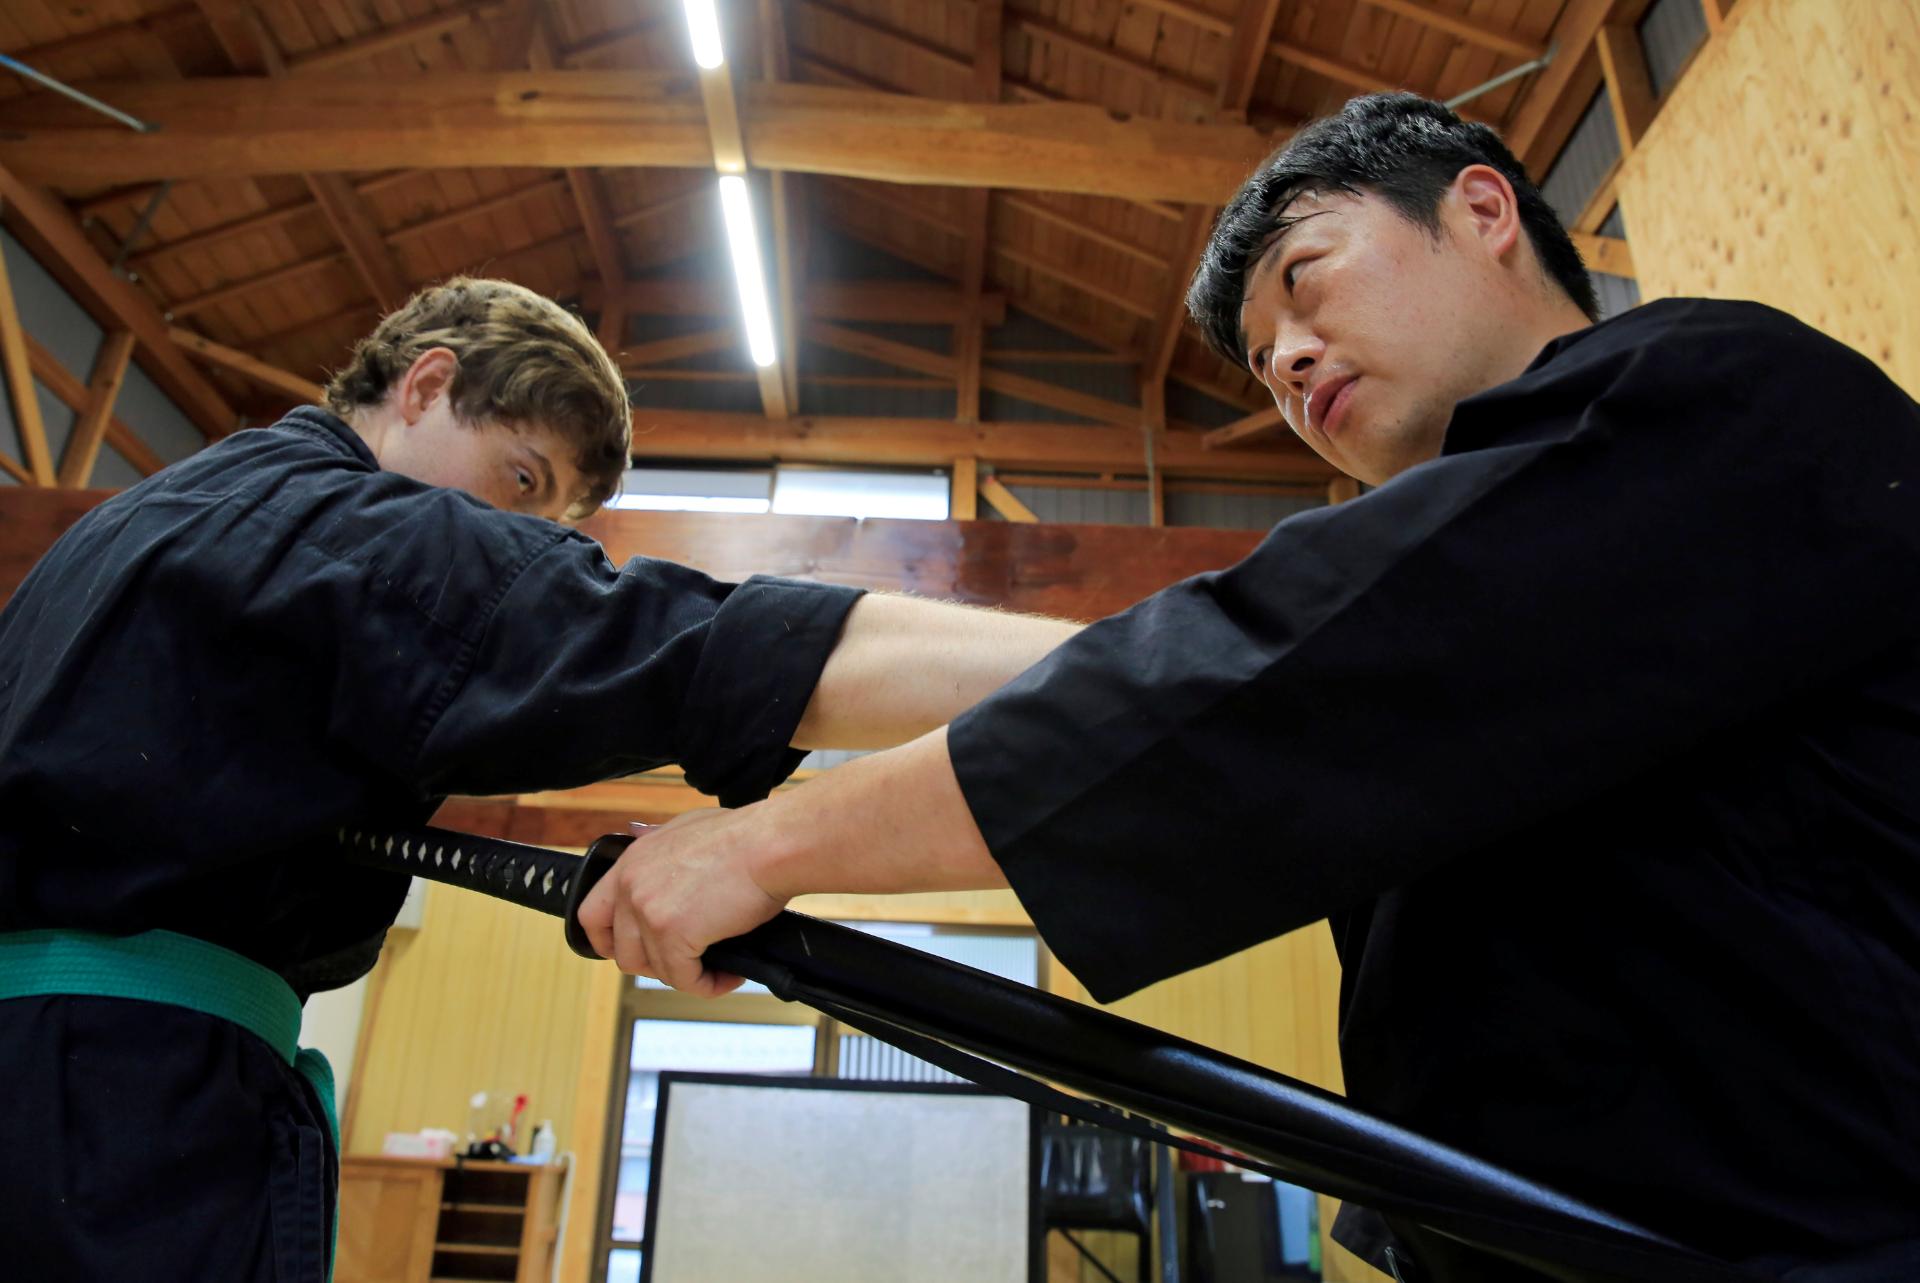 Ladrões invadem museu ninja no Japão e roubam mais de US$ 9 mil